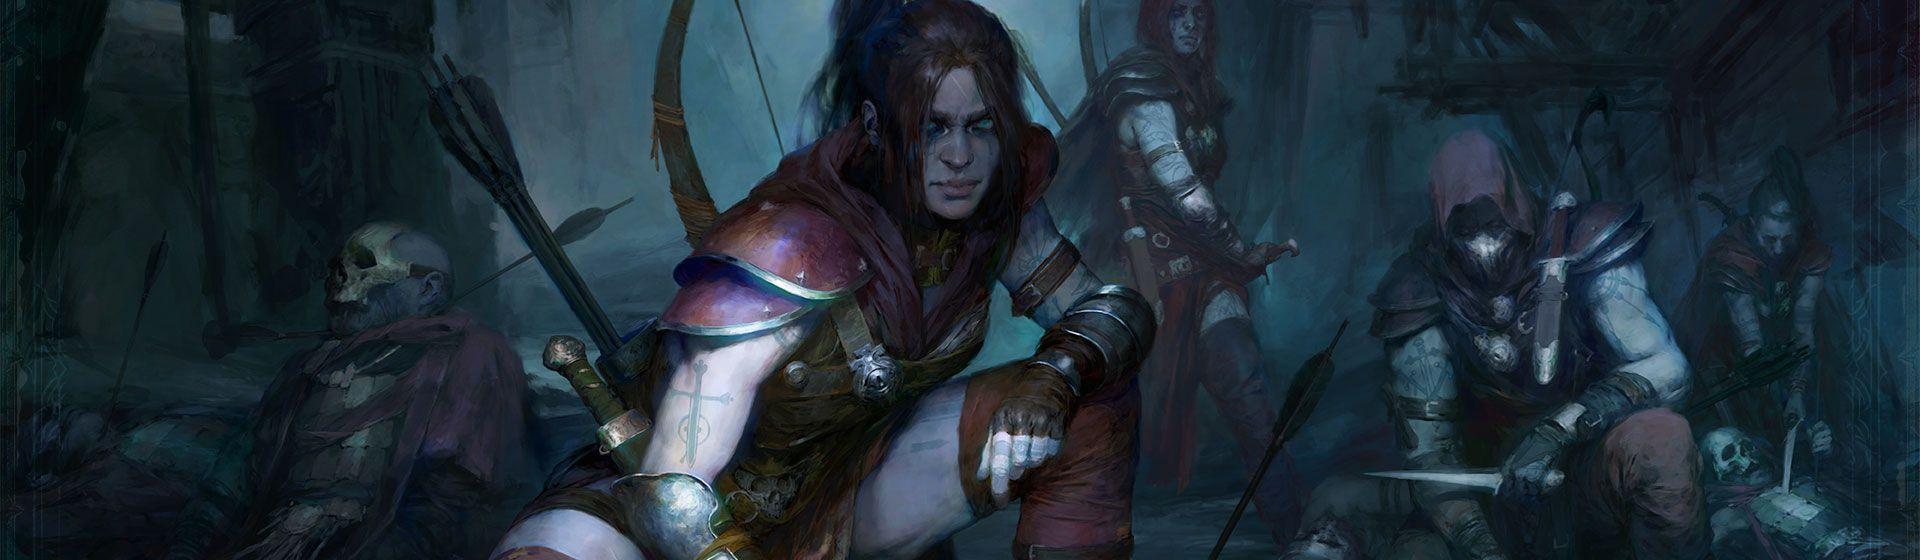 Diablo 4, Diablo Immortal e Diablo 2: confira as novidades da franquia